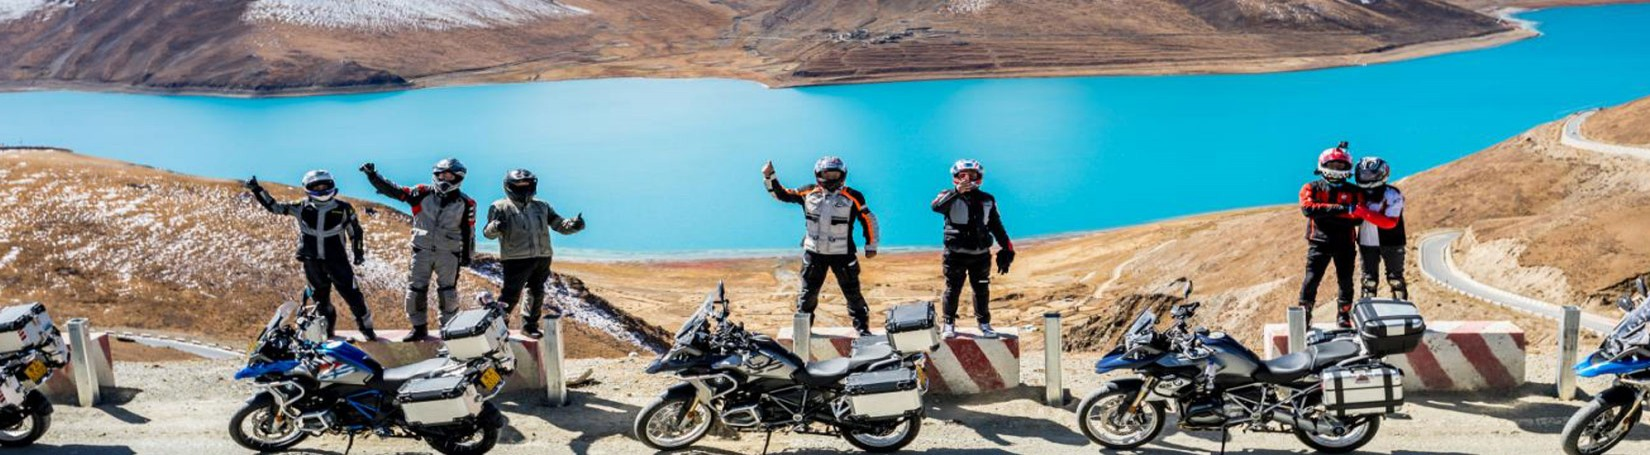 Lhasa Everest Base Camp Motor Biking Tour